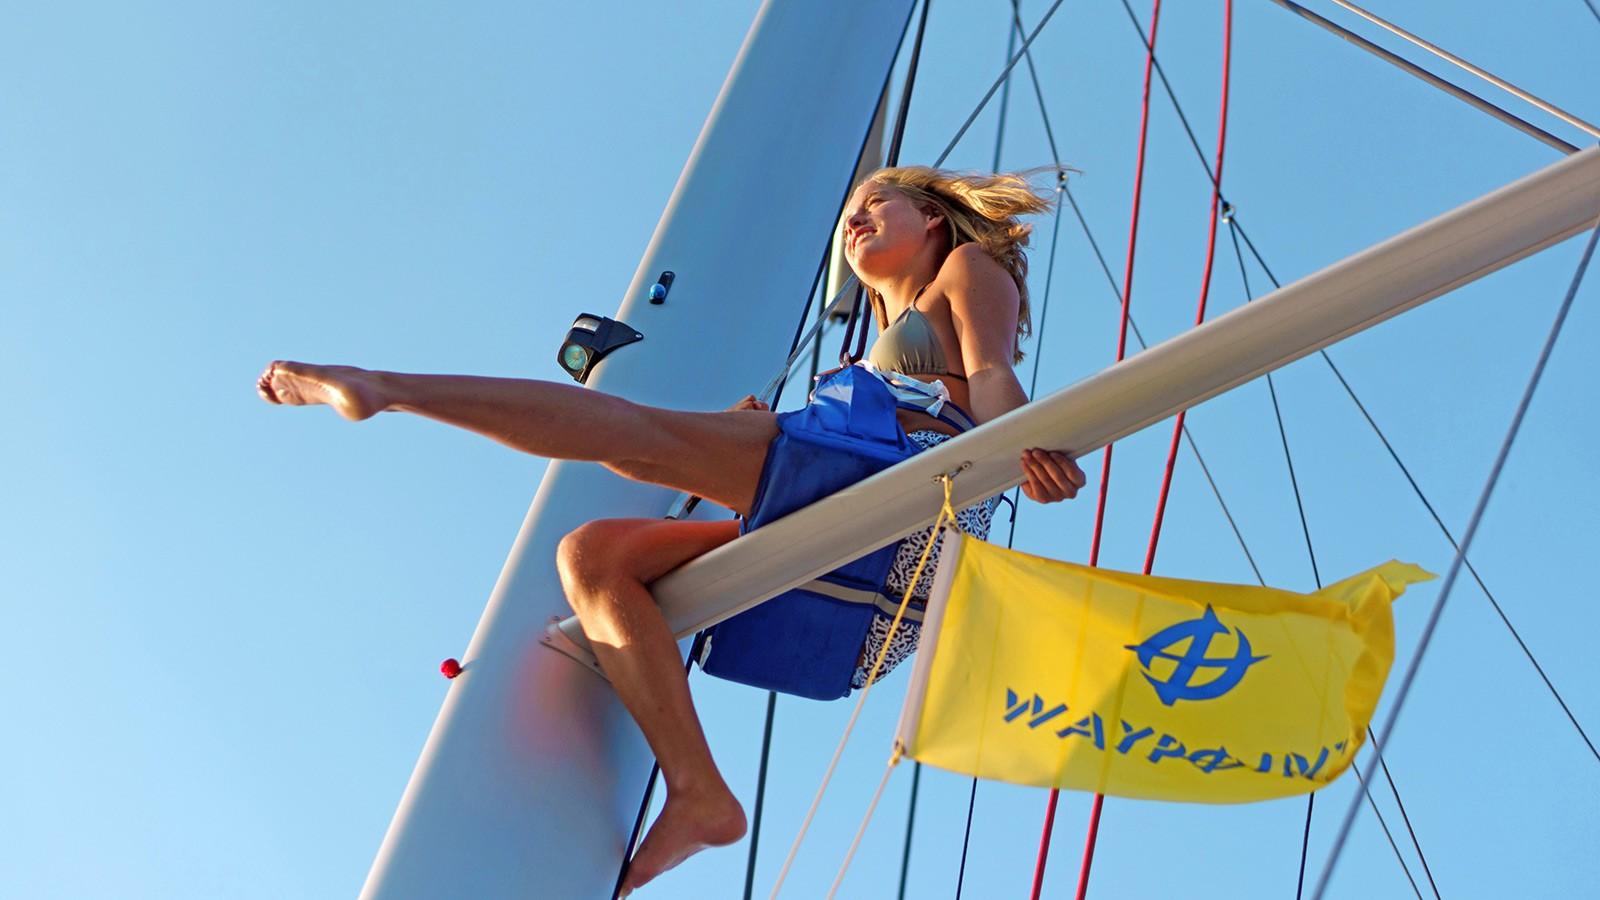 Trogir Marina Baotic (Waypoint)